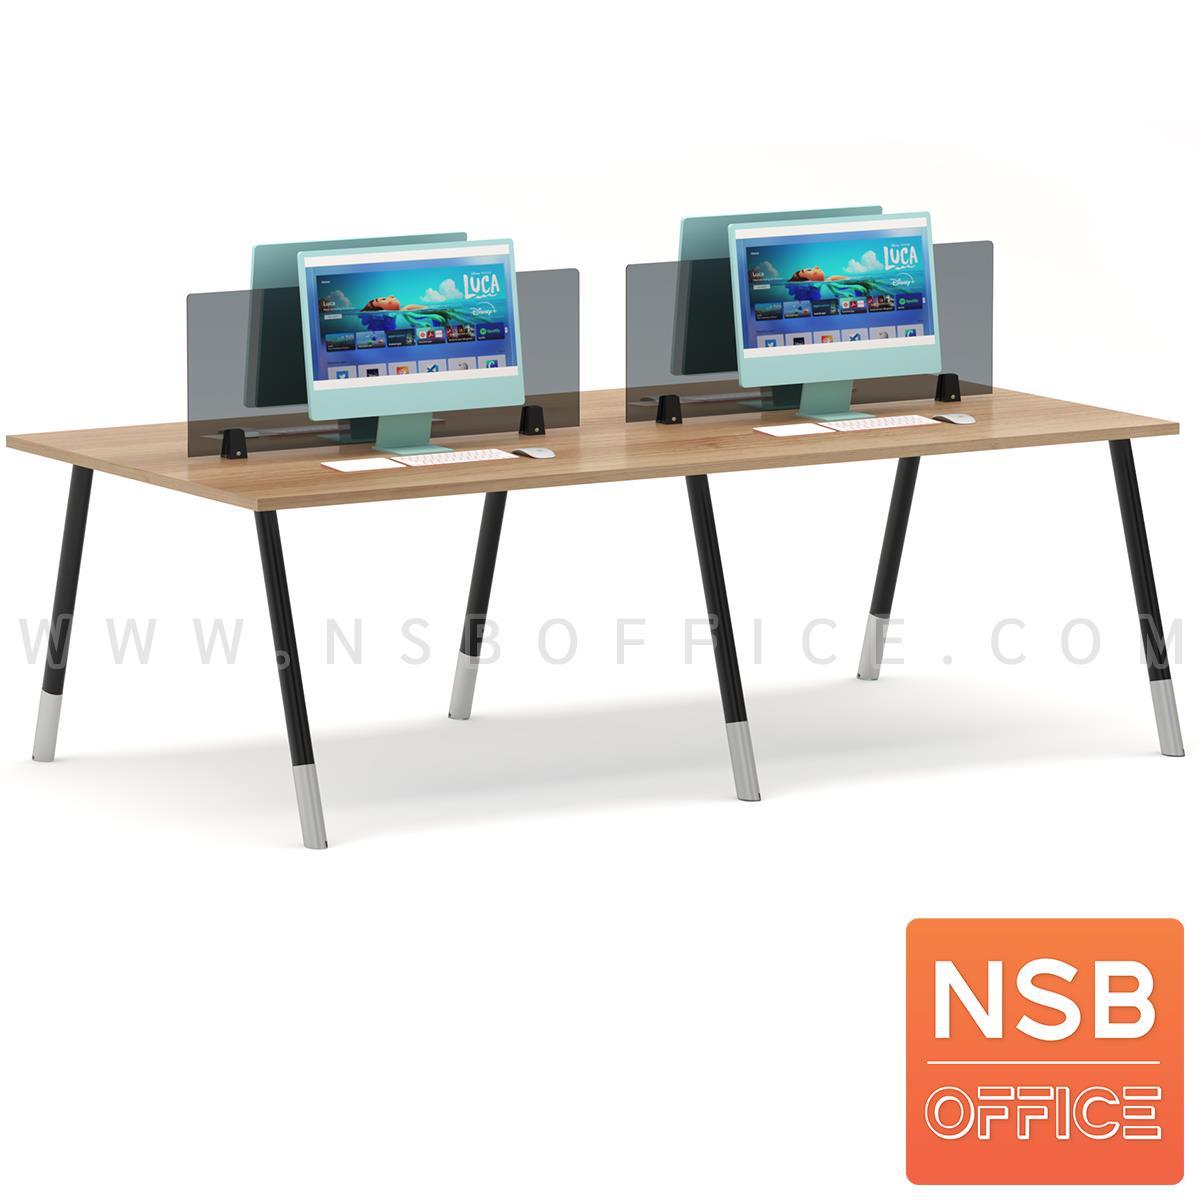 A04A161:ชุดโต๊ะทำงาน 4 ที่นั่ง  รุ่น Brenton (เบรนตัน) ขนาด 240W*120D cm. พร้อมมินิสกรีนด้านหน้า